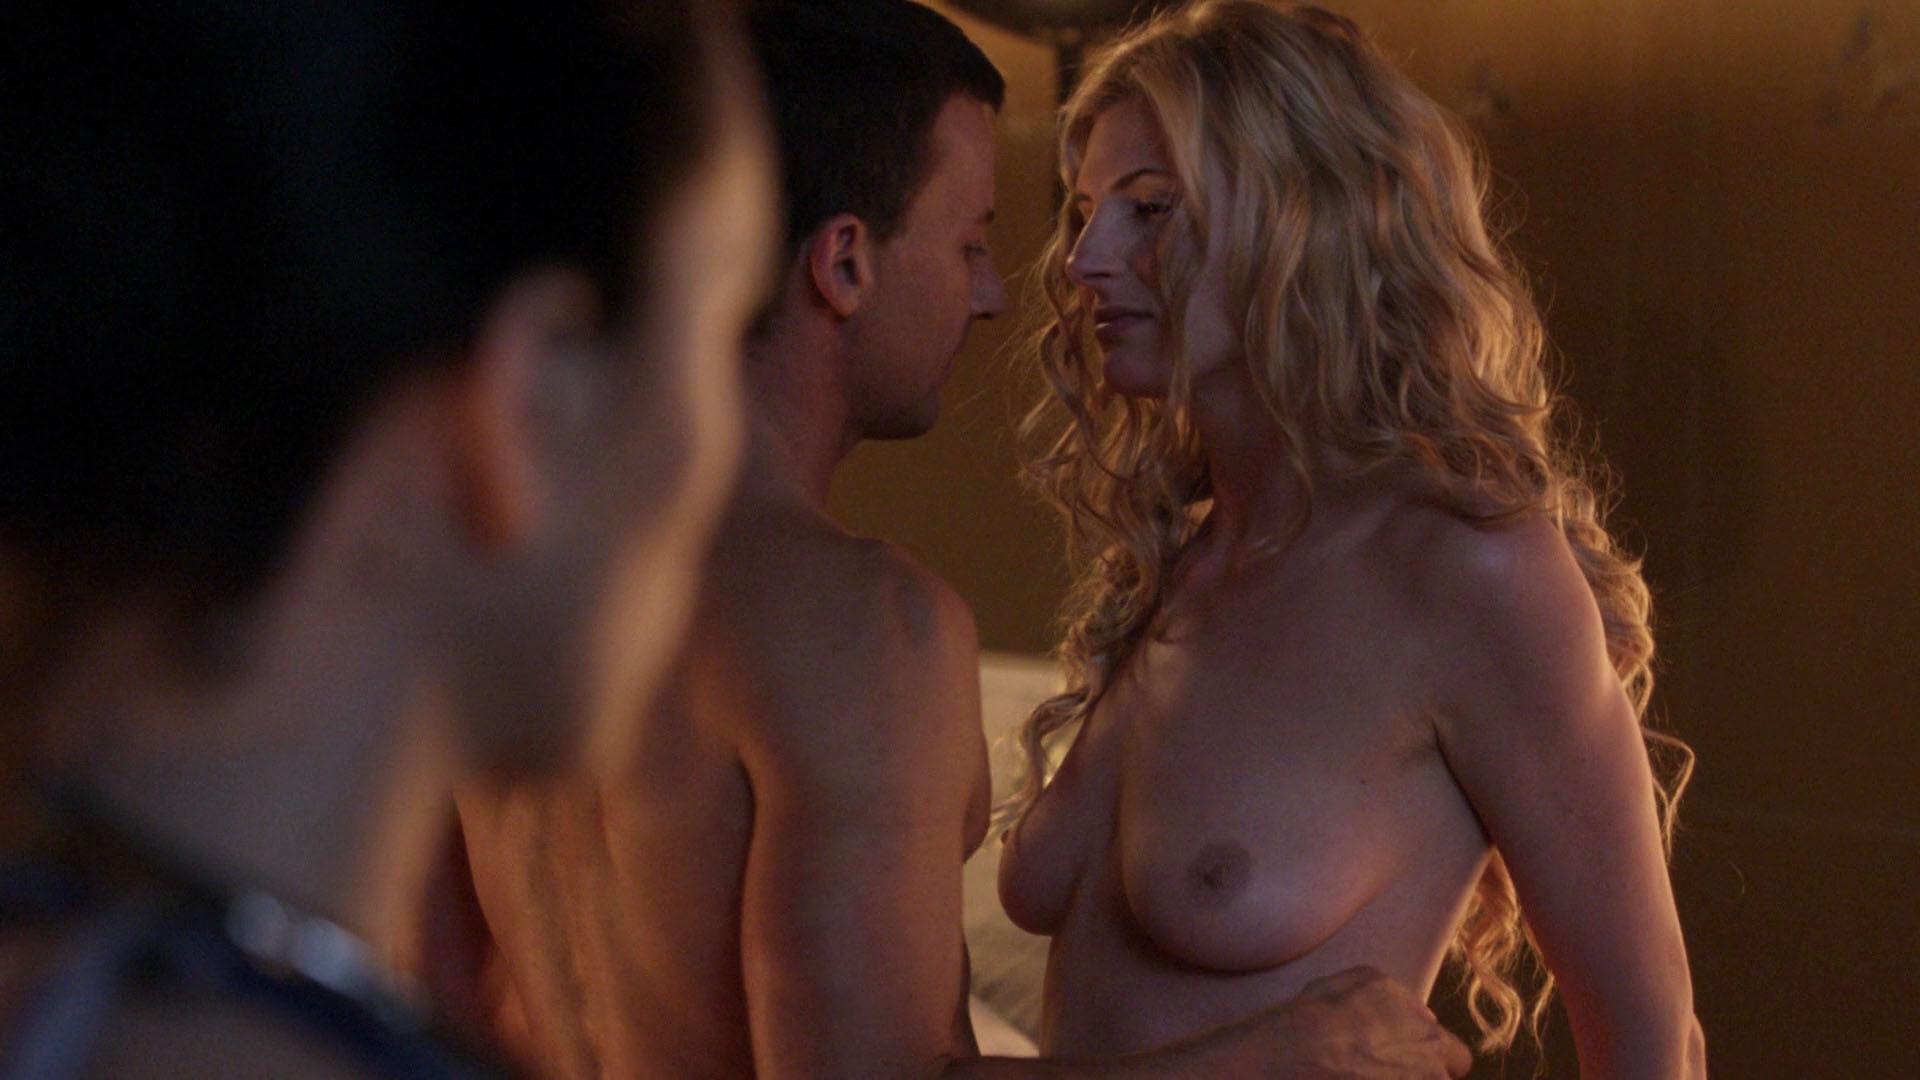 bianca nude scenes spartacus Viva